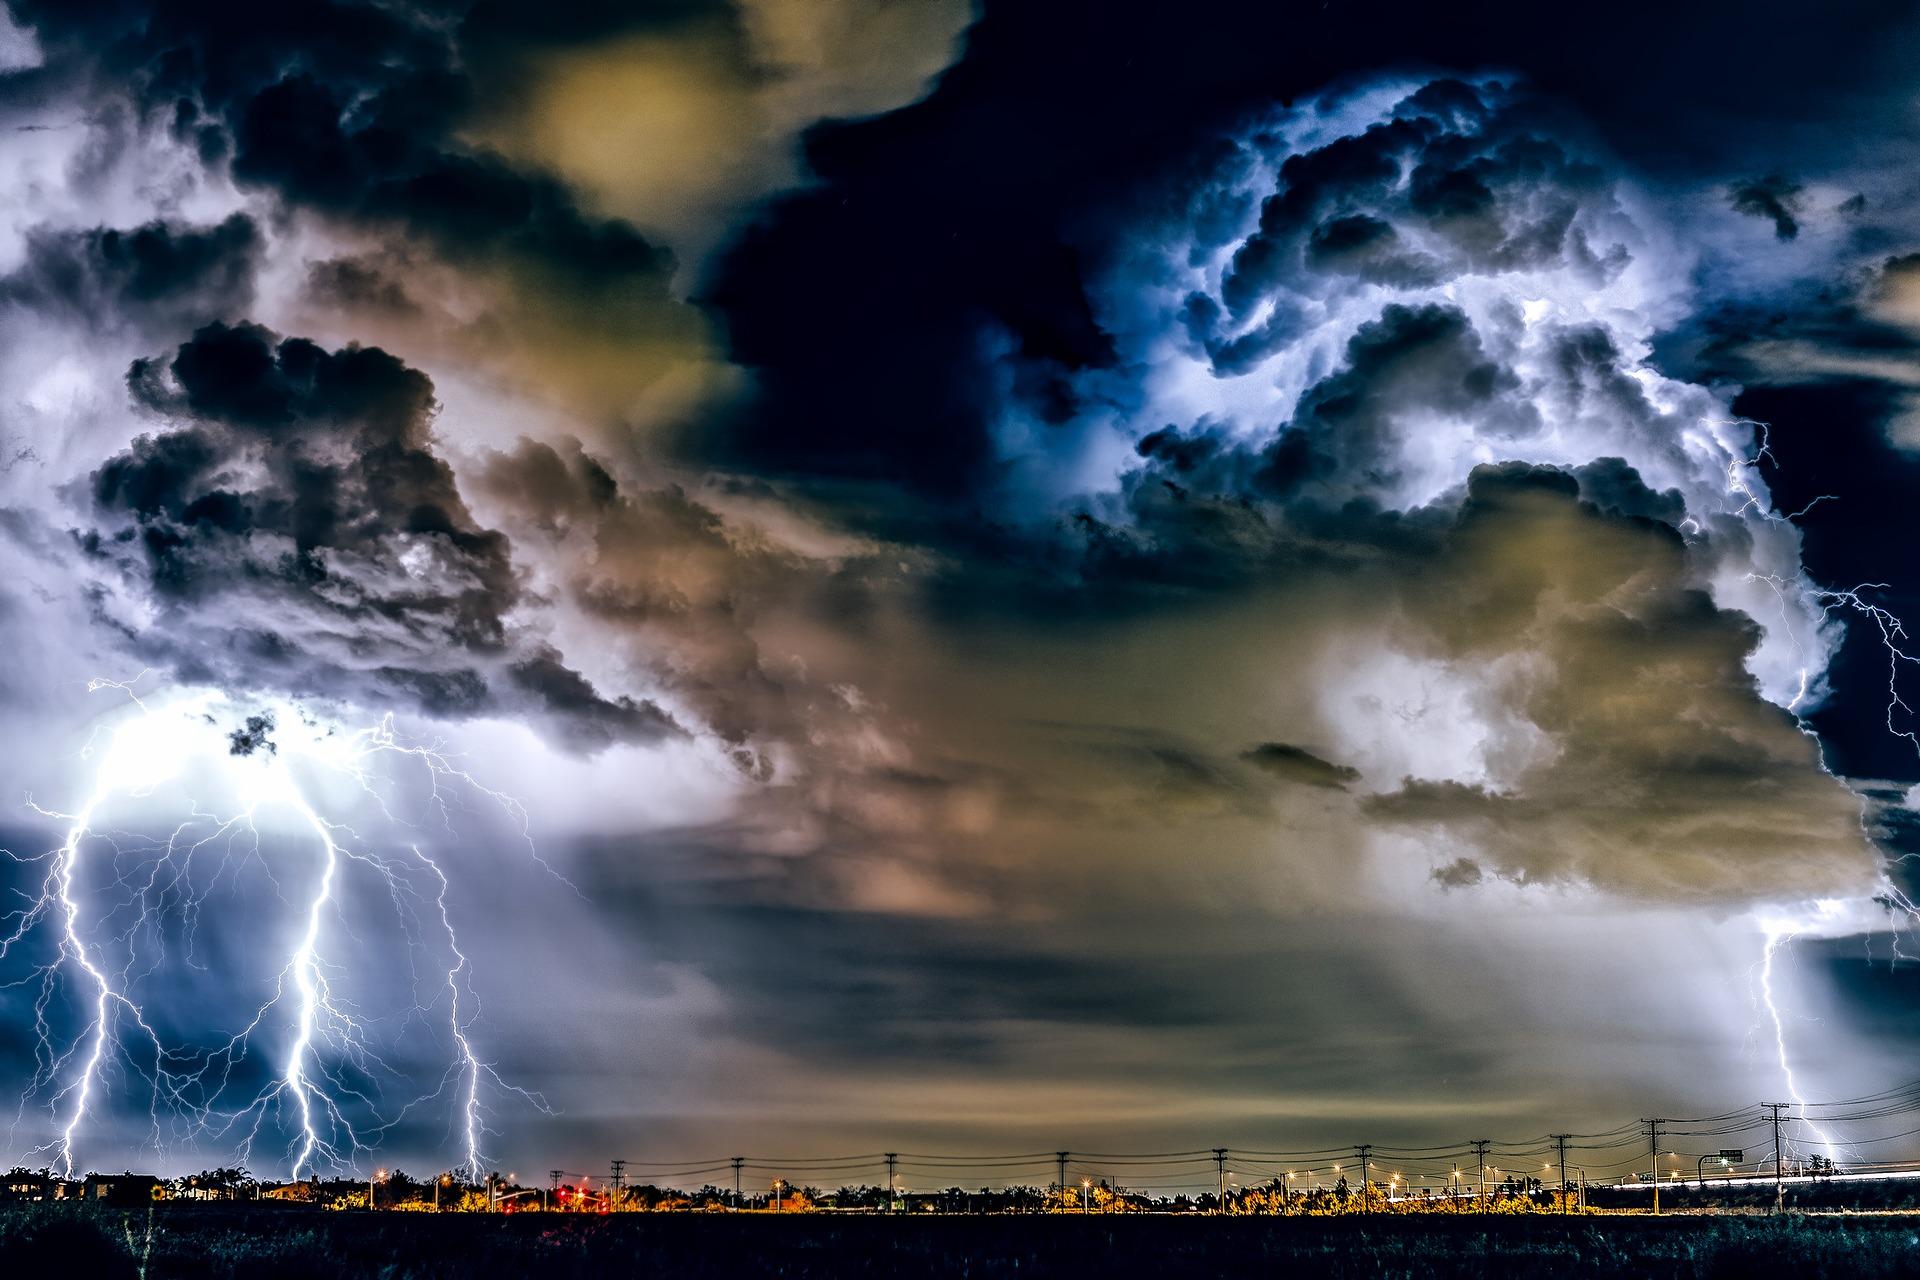 Domowa stacja pogody dla meteopaty